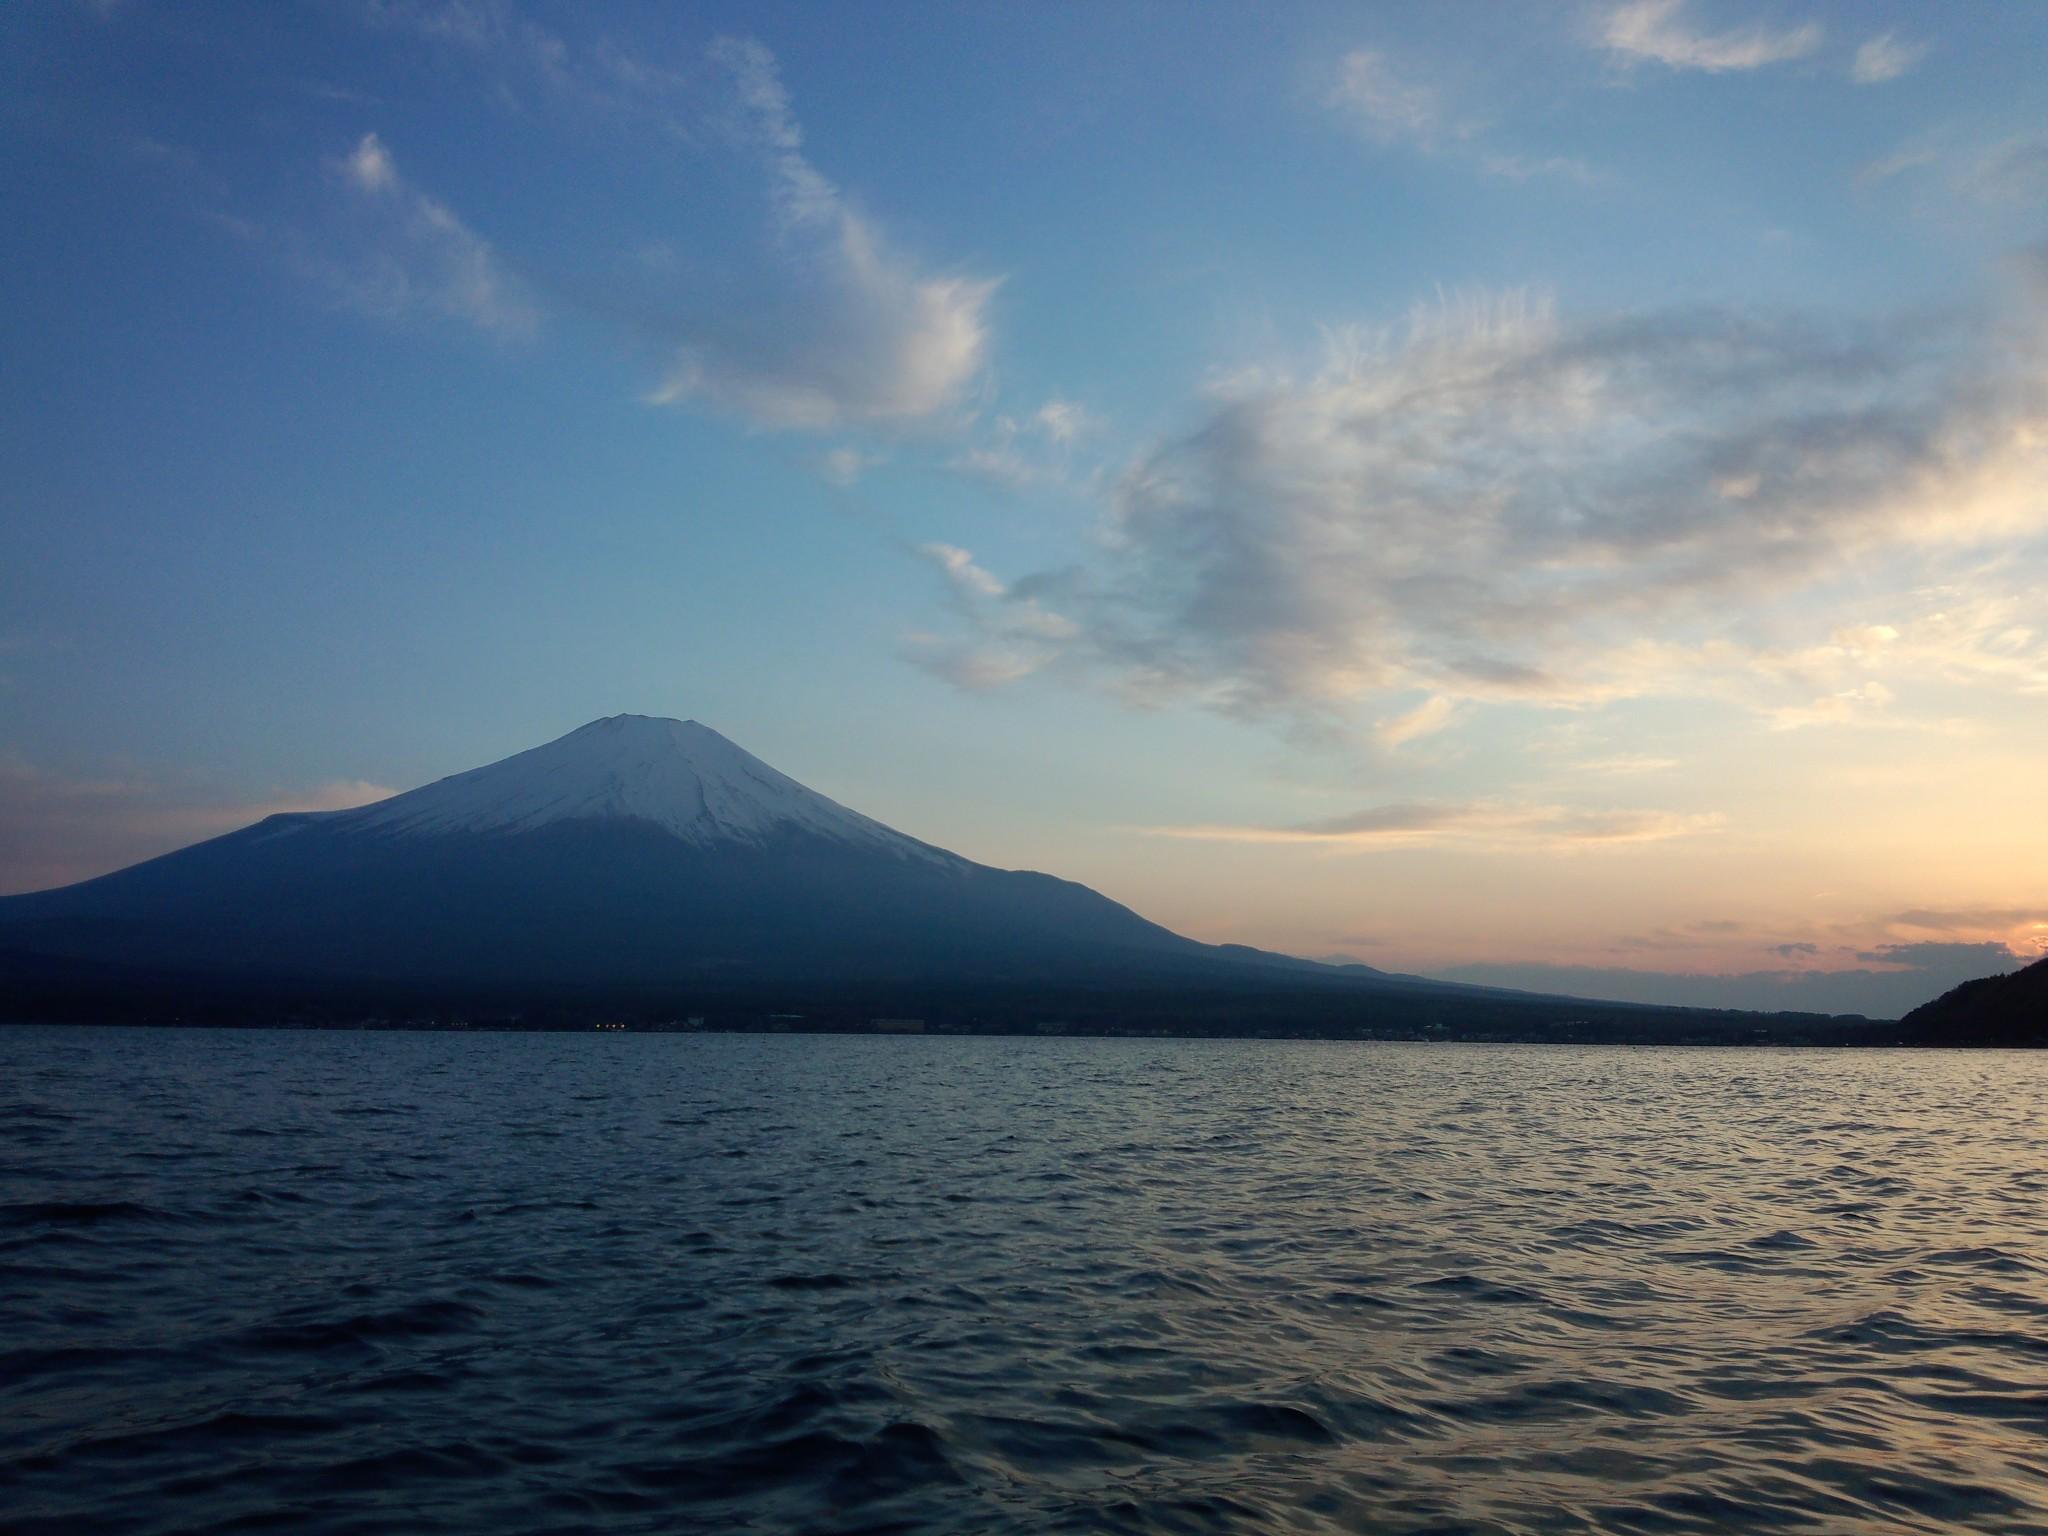 バスフィッシング 山中湖の富士山と夕焼け